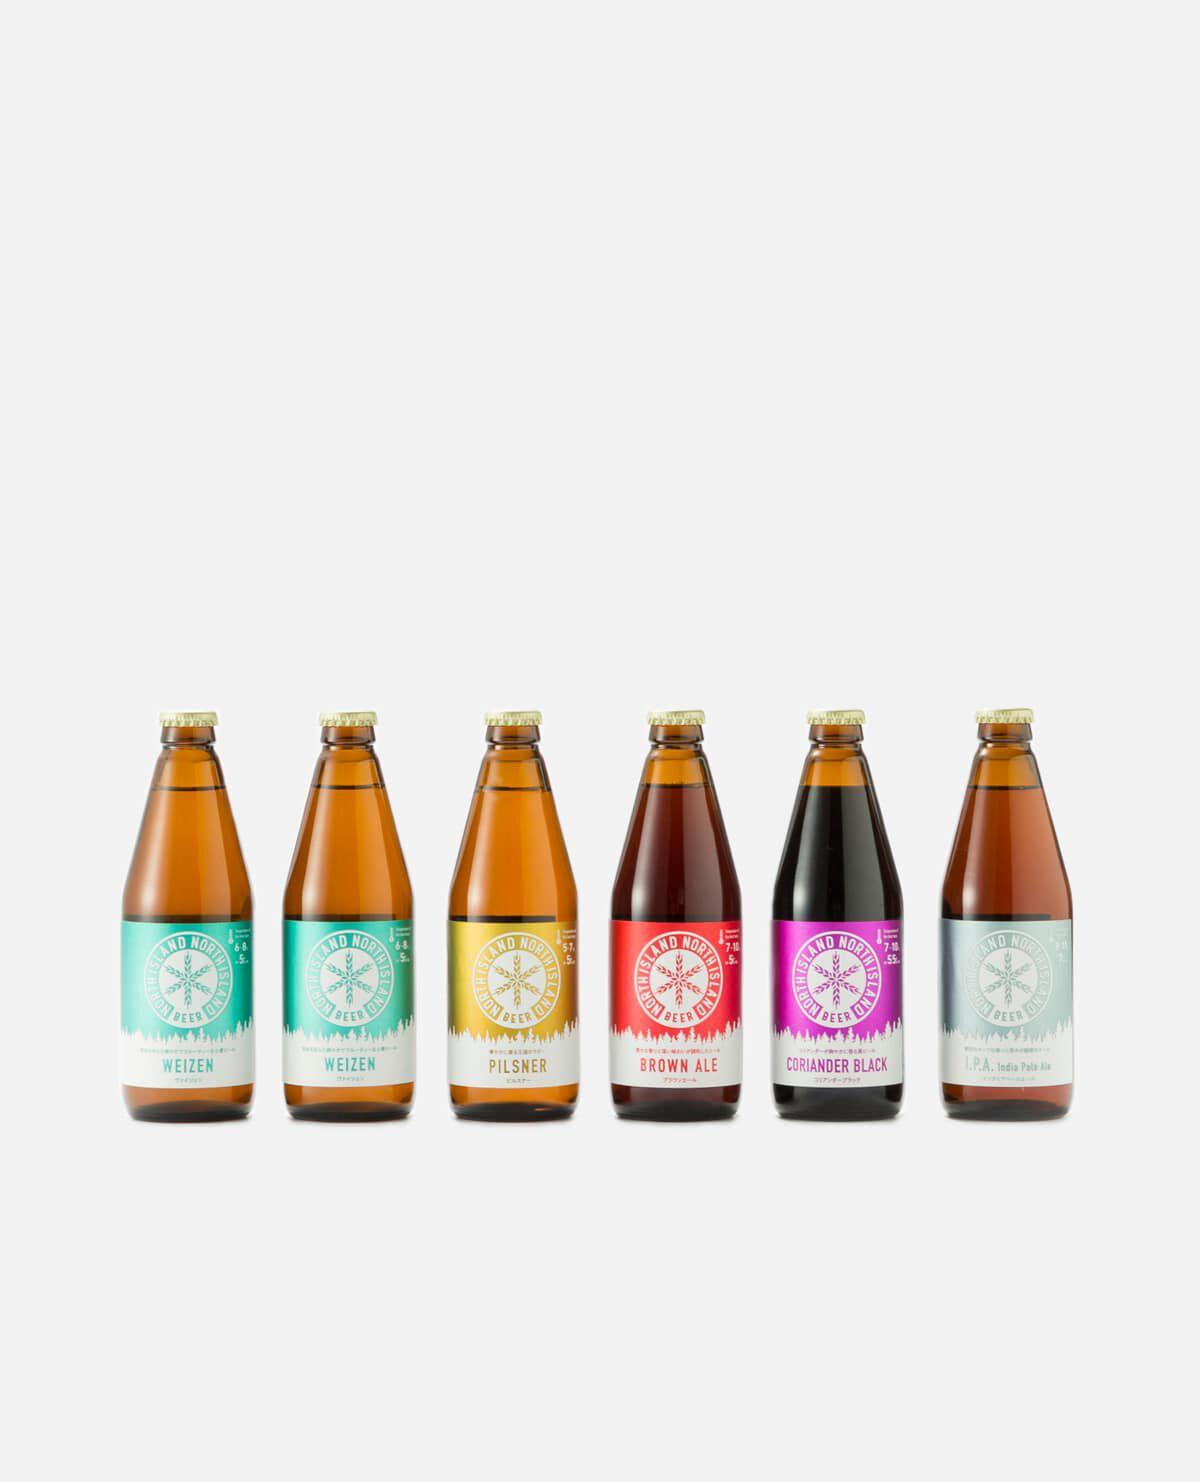 ノースアイランドビール クラフトビール5種飲み比べセット(6本入り)